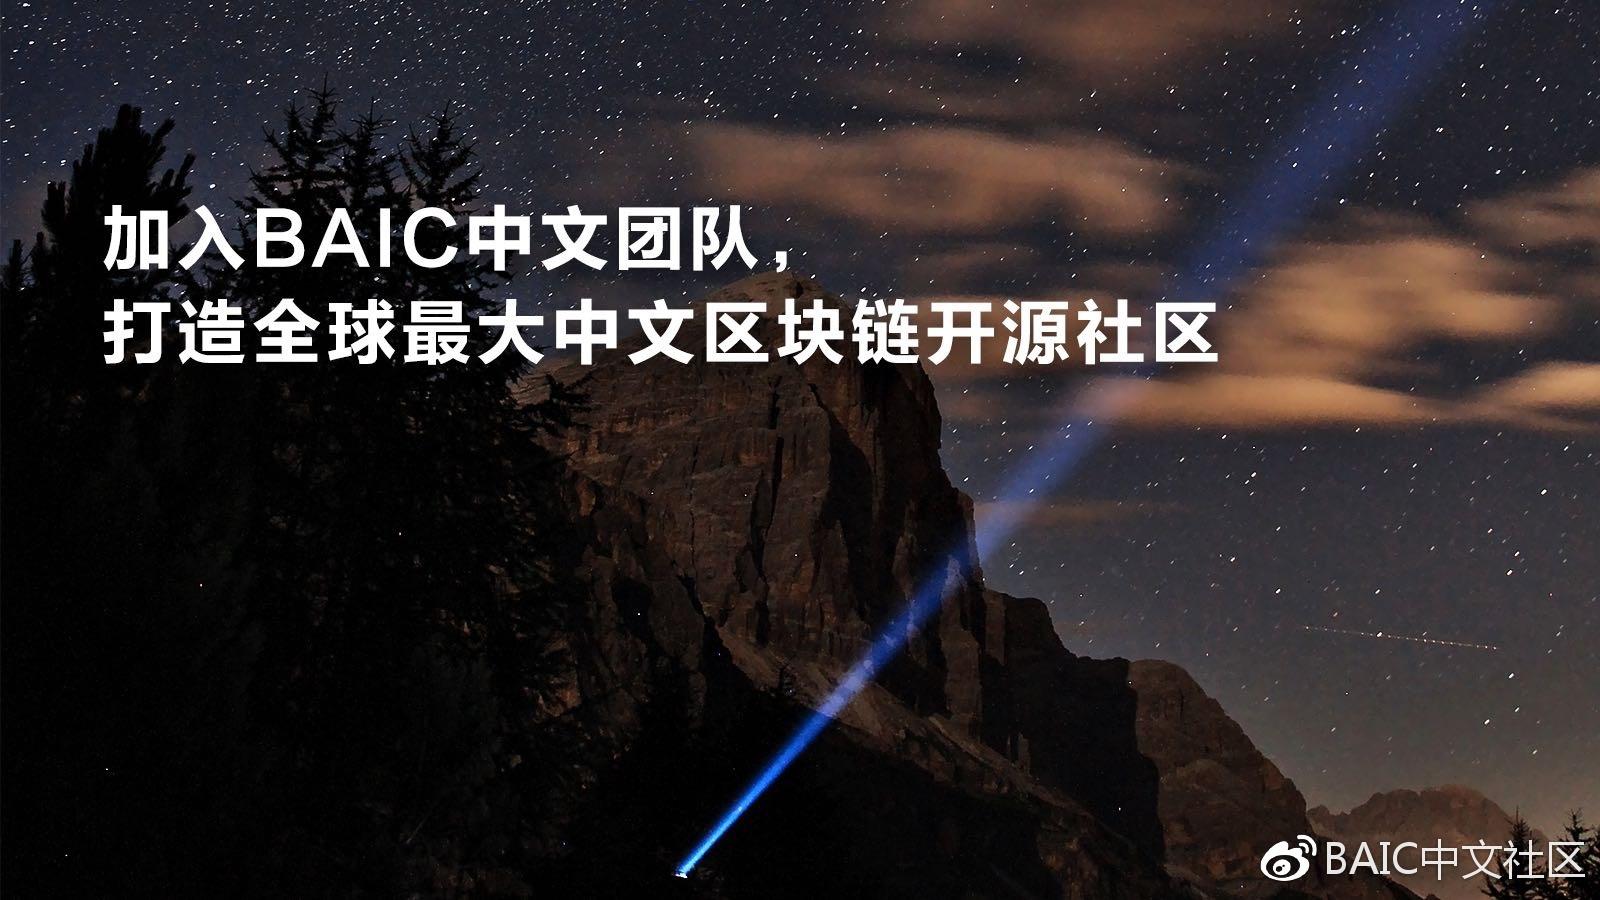 BAIC公链资产销毁及质押公告